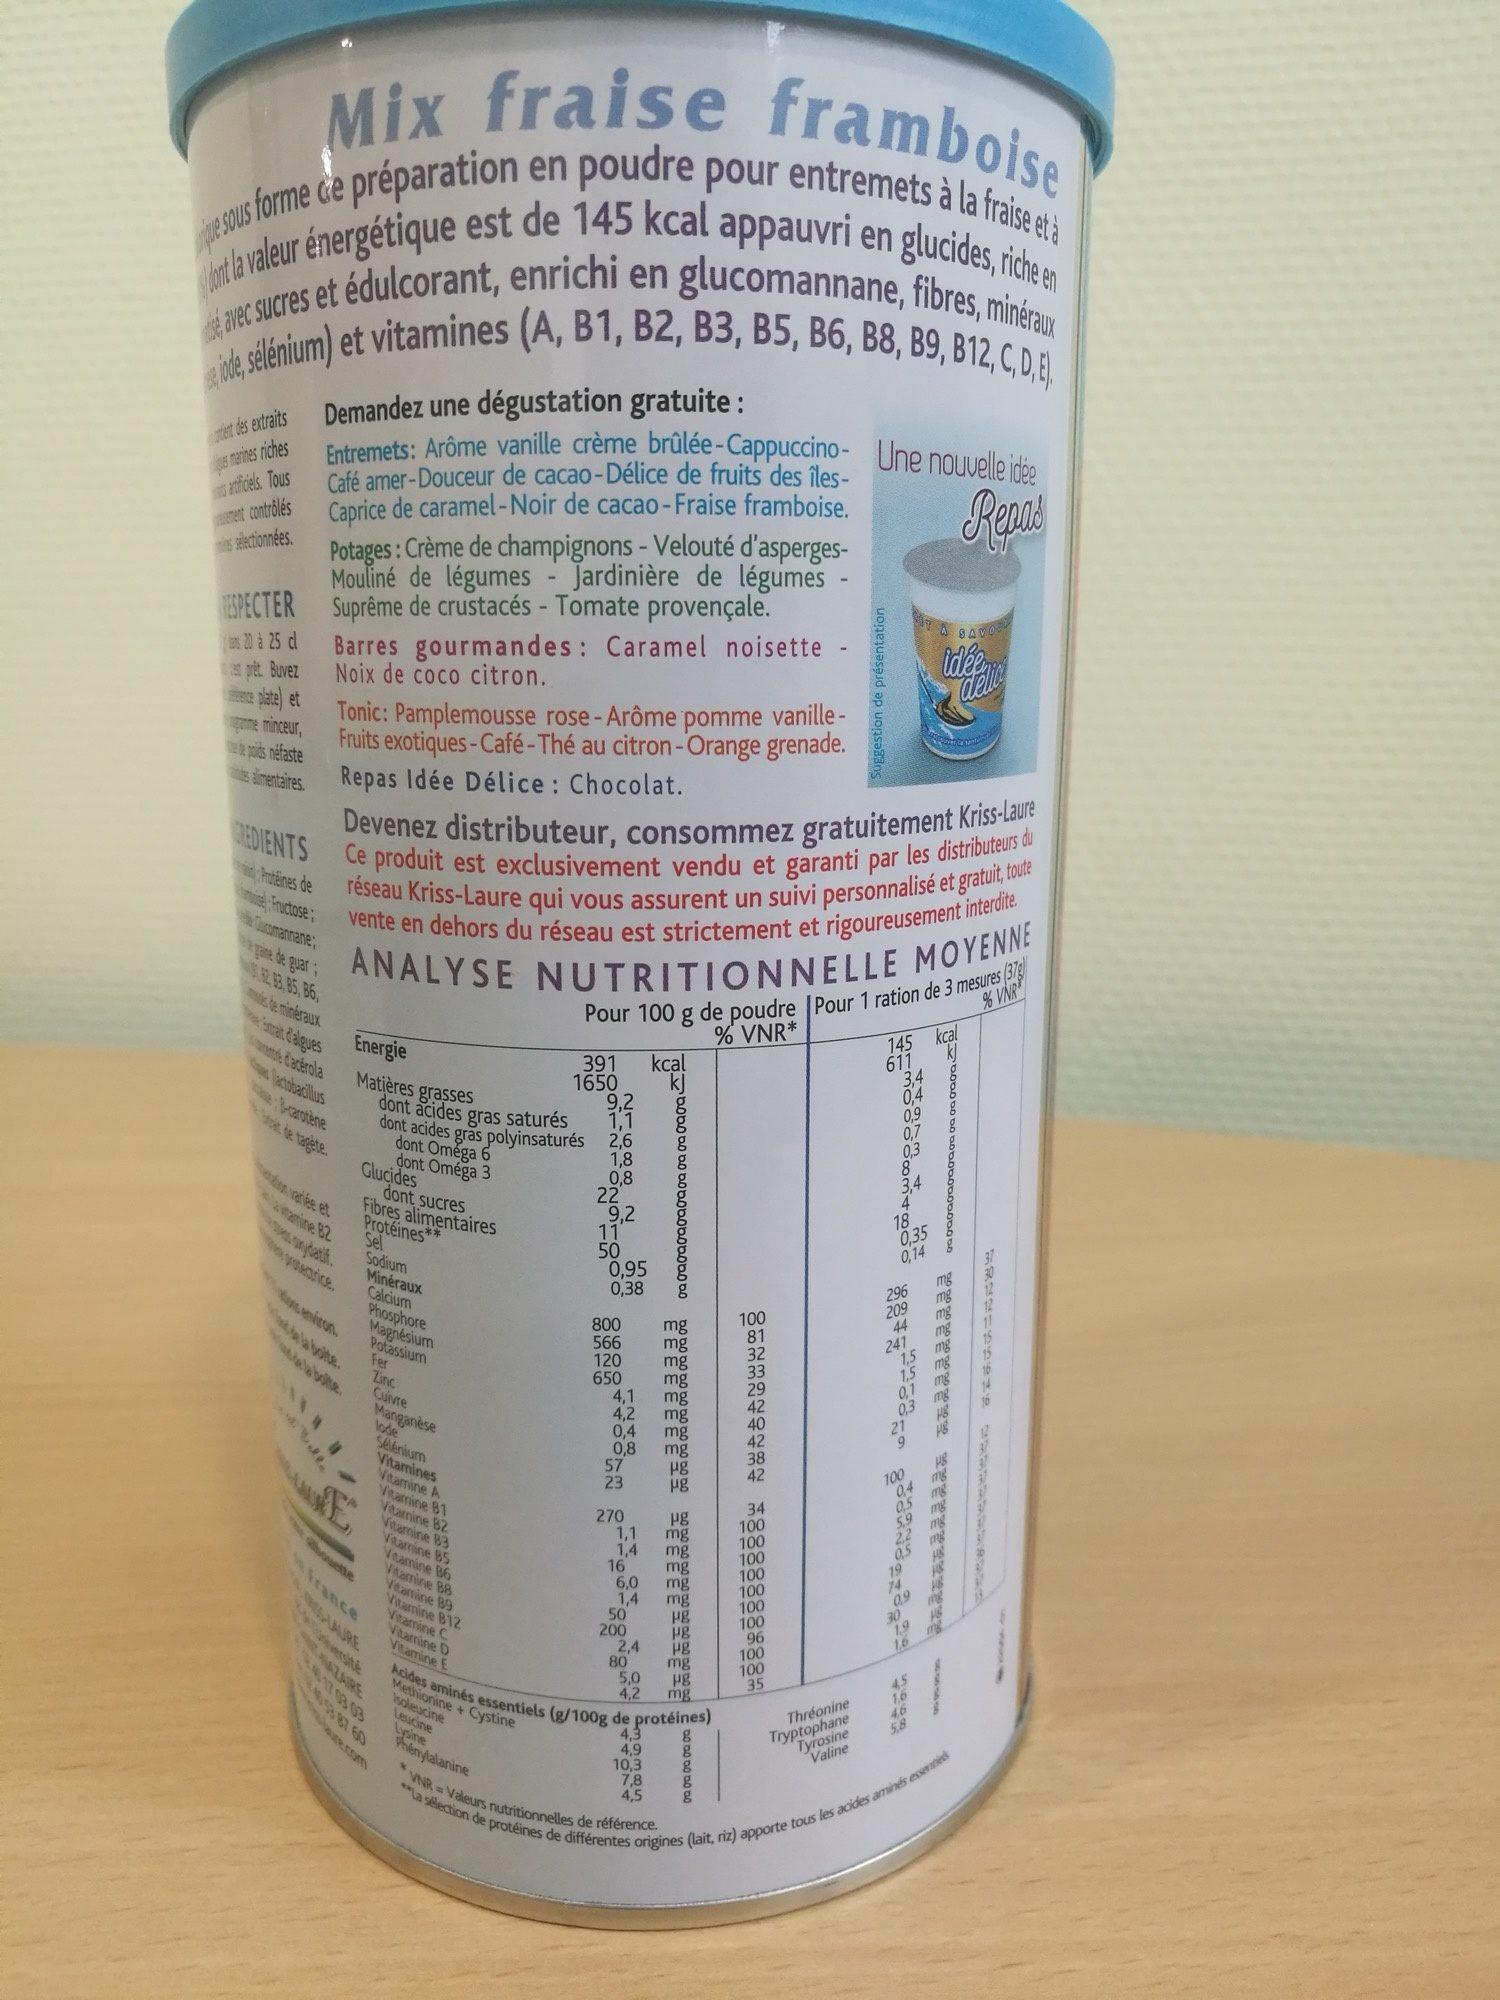 Mix Fraise Framboise Kriss-Laure reconstitué (37g dans 200 ml d'eau) - Nutrition facts - fr